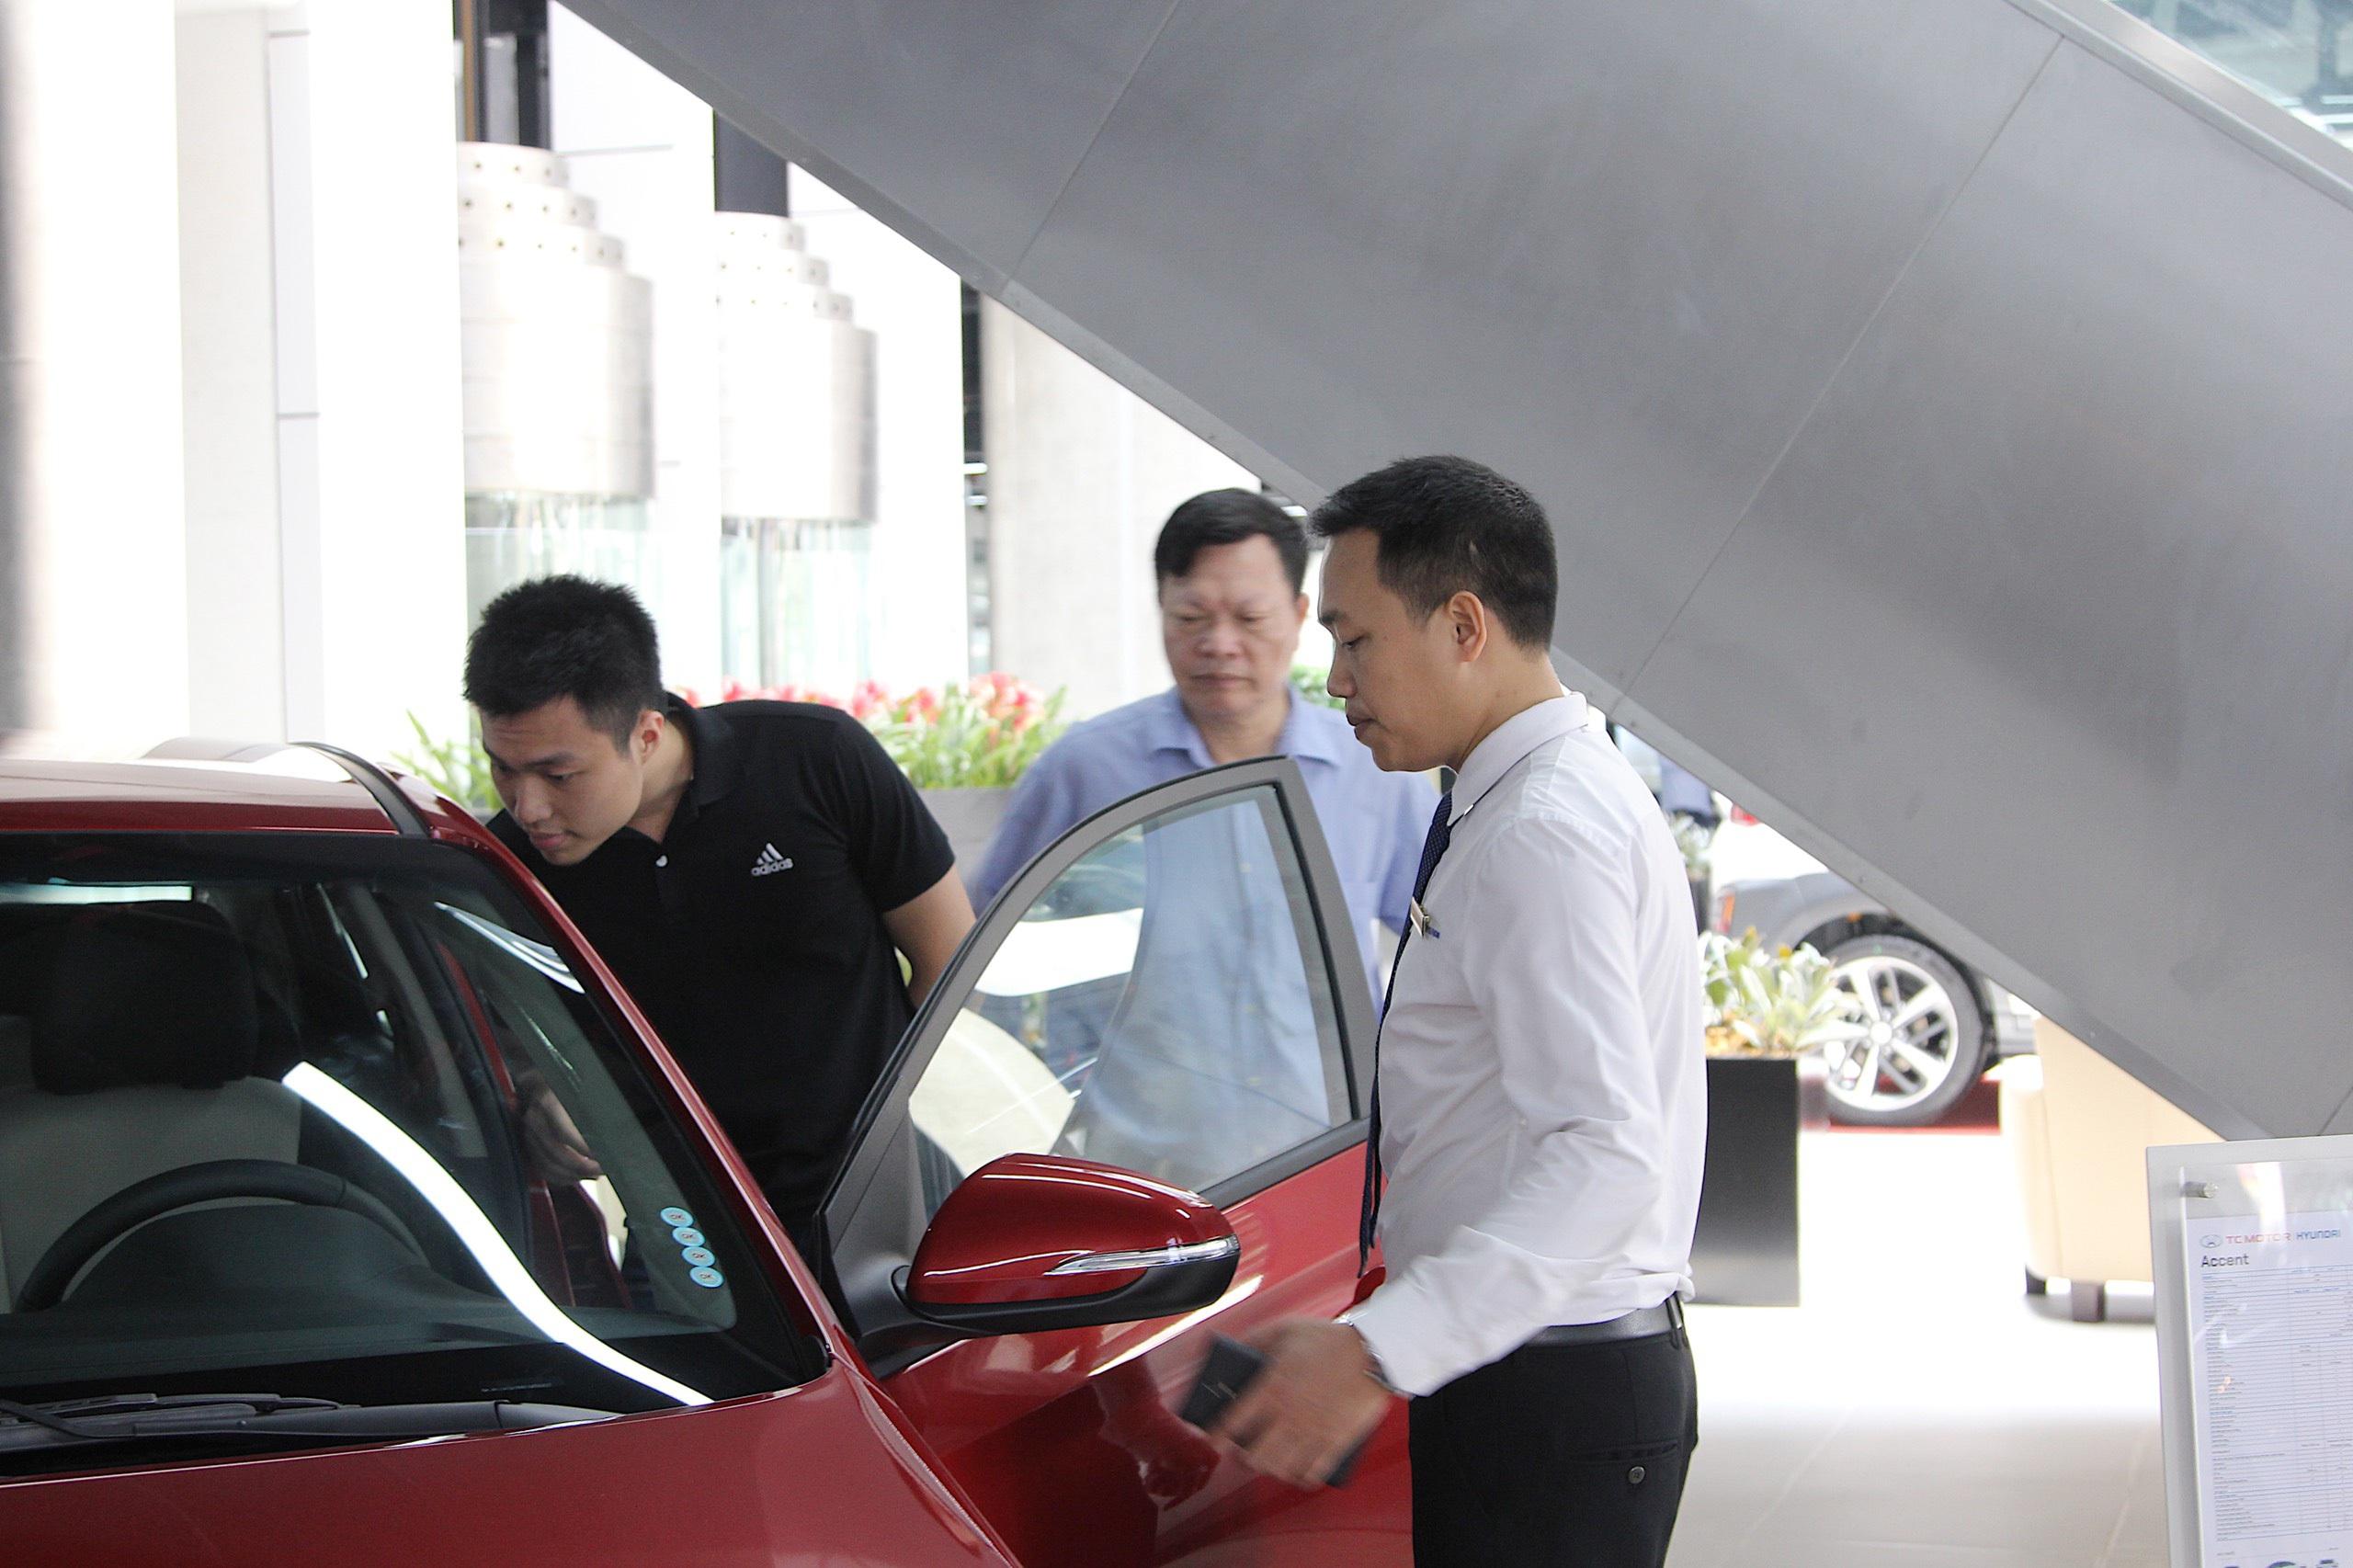 Phí trước bạ giảm 50%: Mua xe nội được giảm hàng trăm triệu đồng